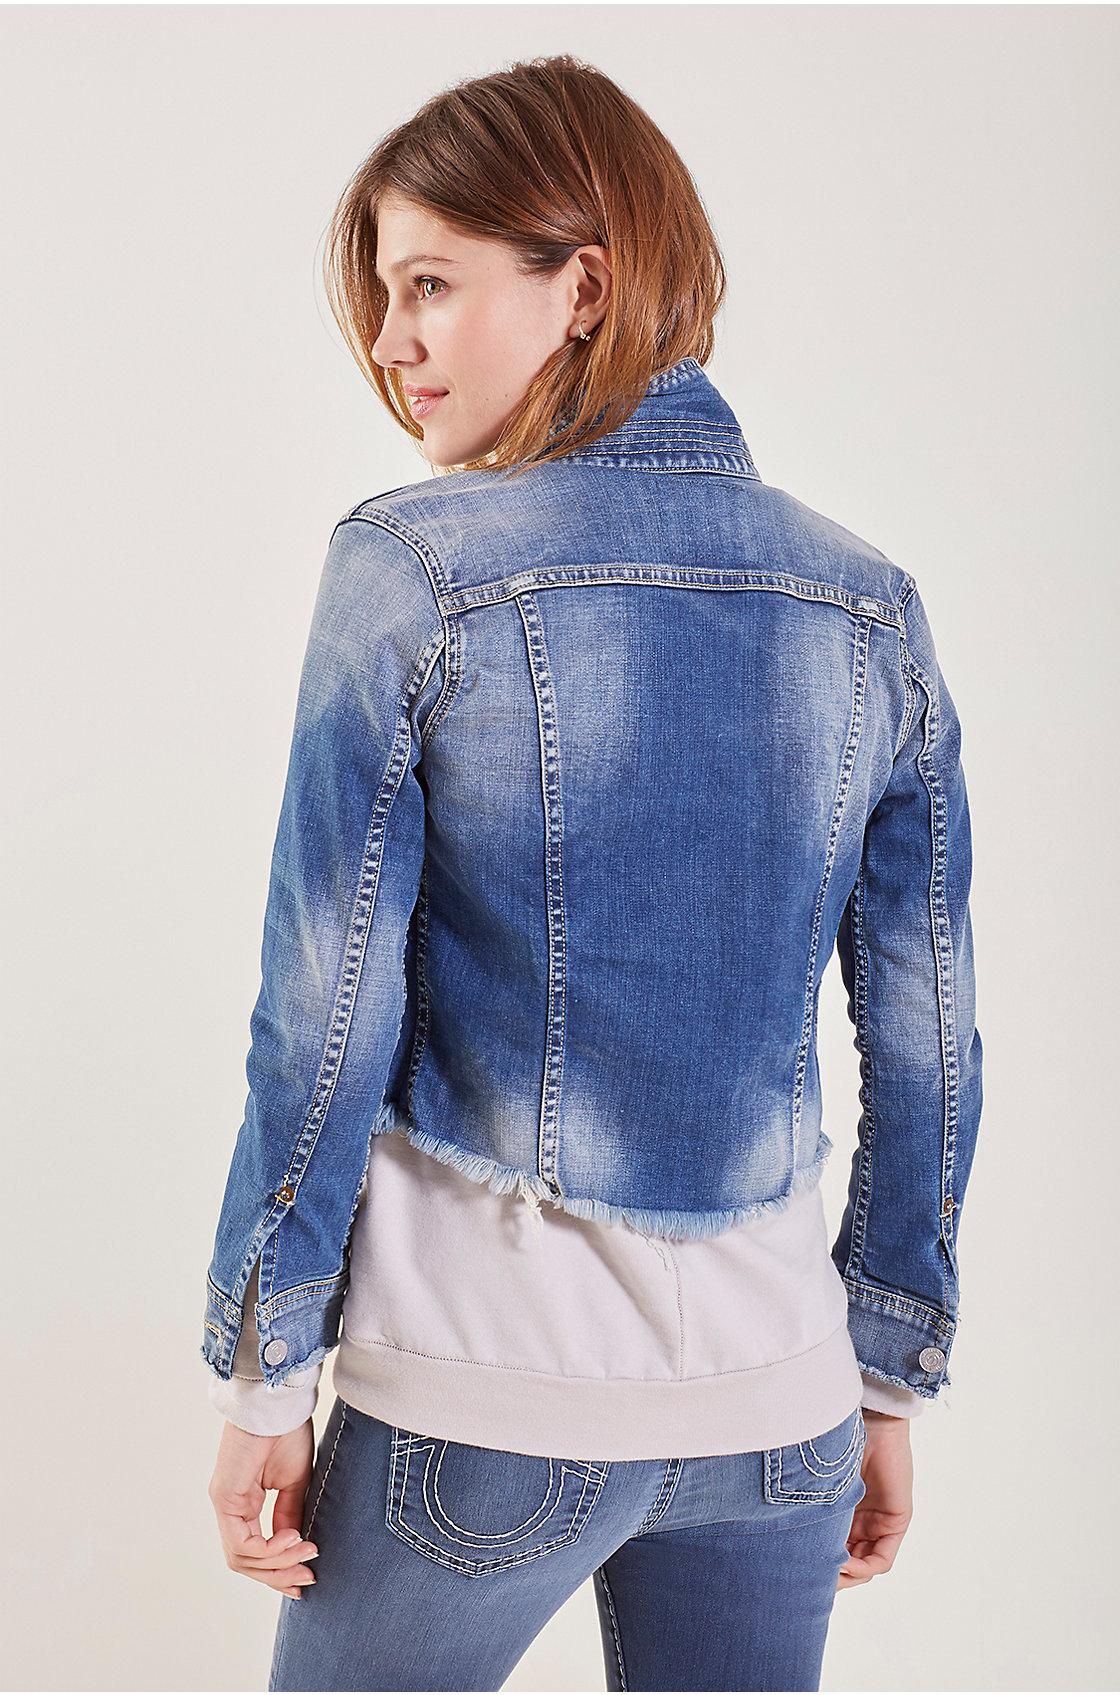 True religion jacket women